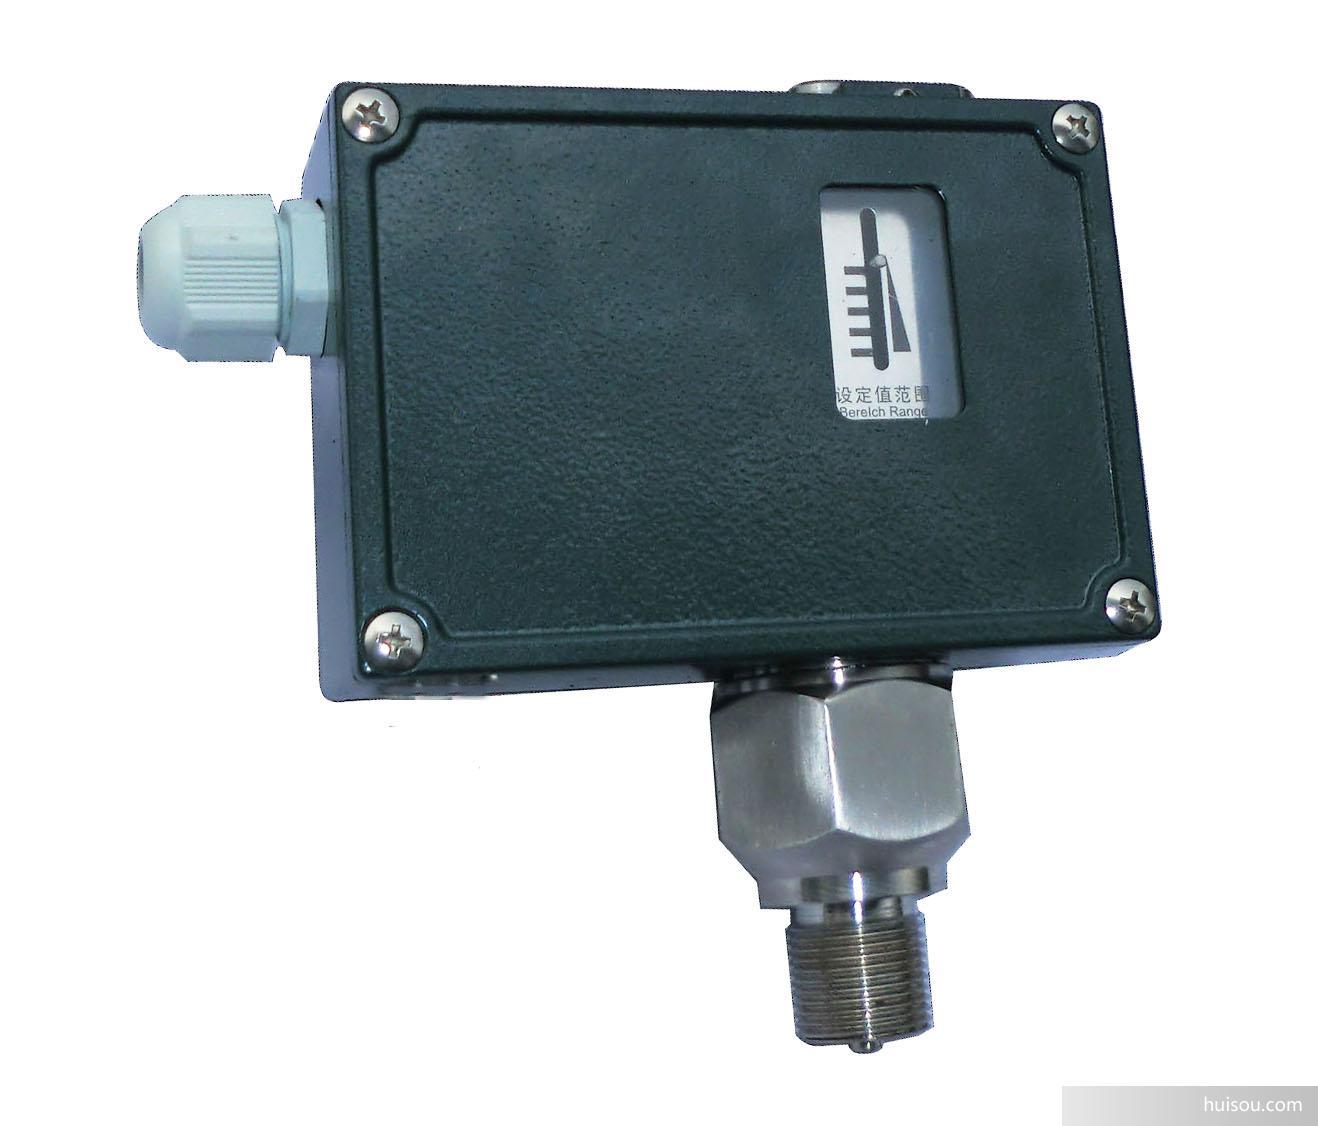 开关|压力控制器普通型可用于对感压元件无腐蚀作用